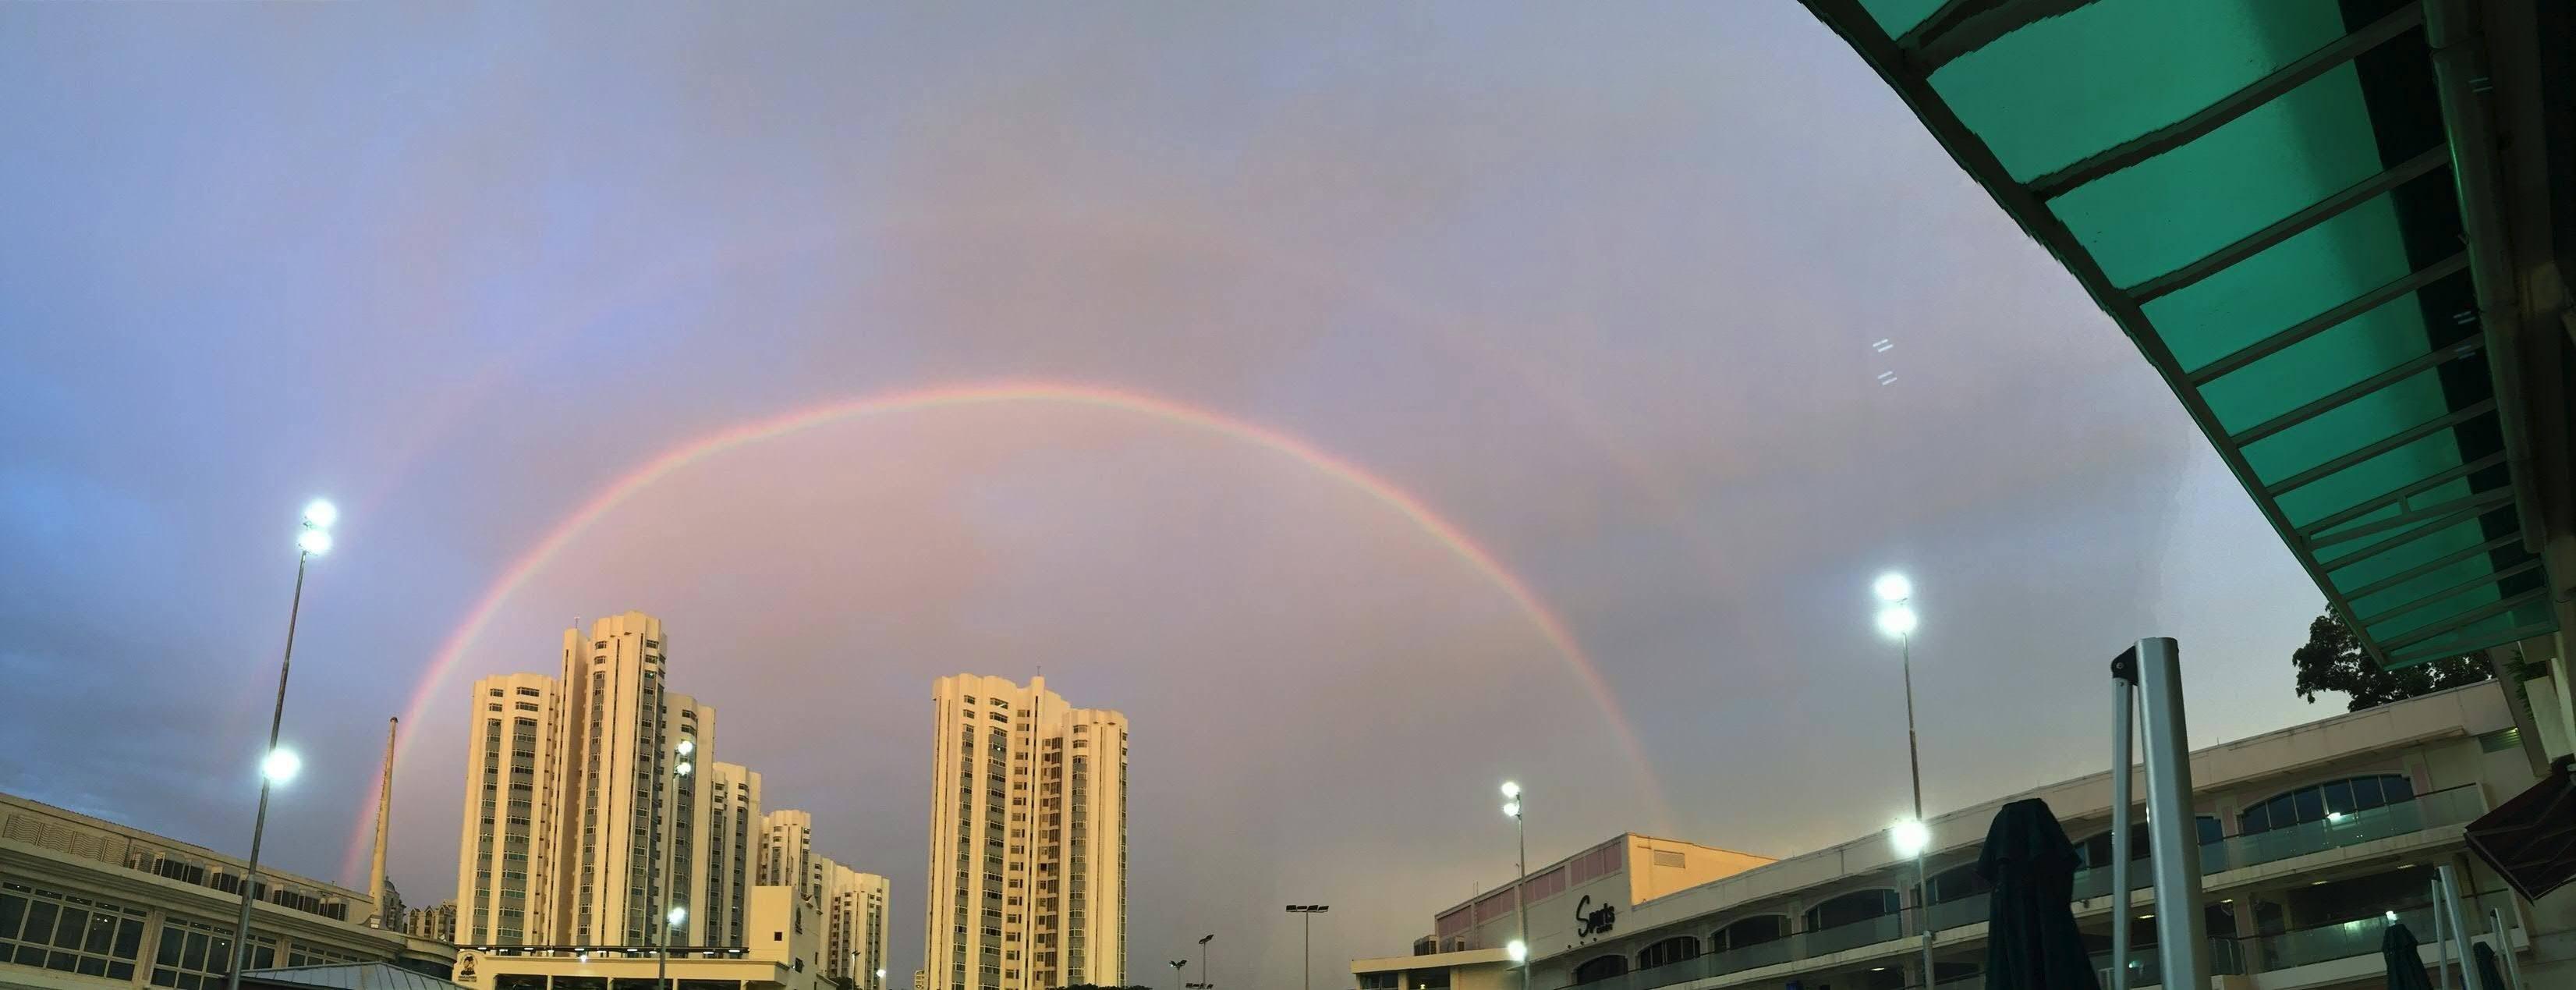 シンガポール虹 ! シンガポールマリーナーベイサンズ付近で出現! 【動画あり】